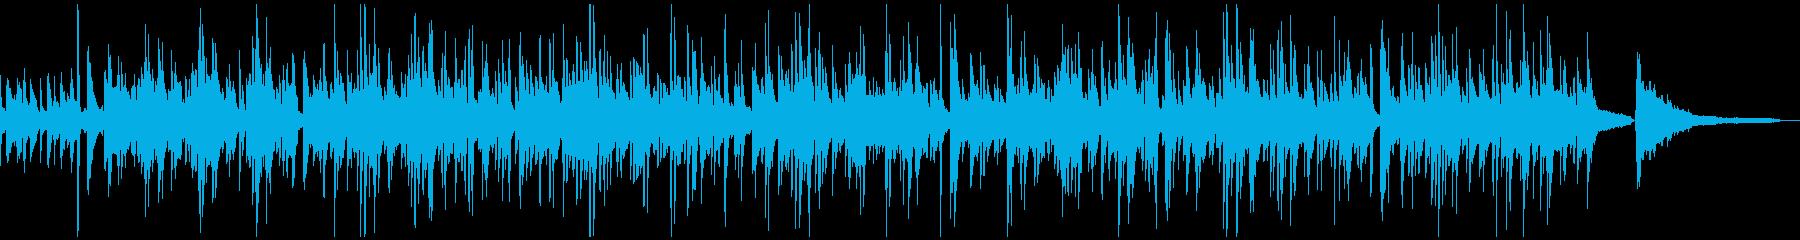 まろやかで柔らかく揺れるボサノバ曲の再生済みの波形